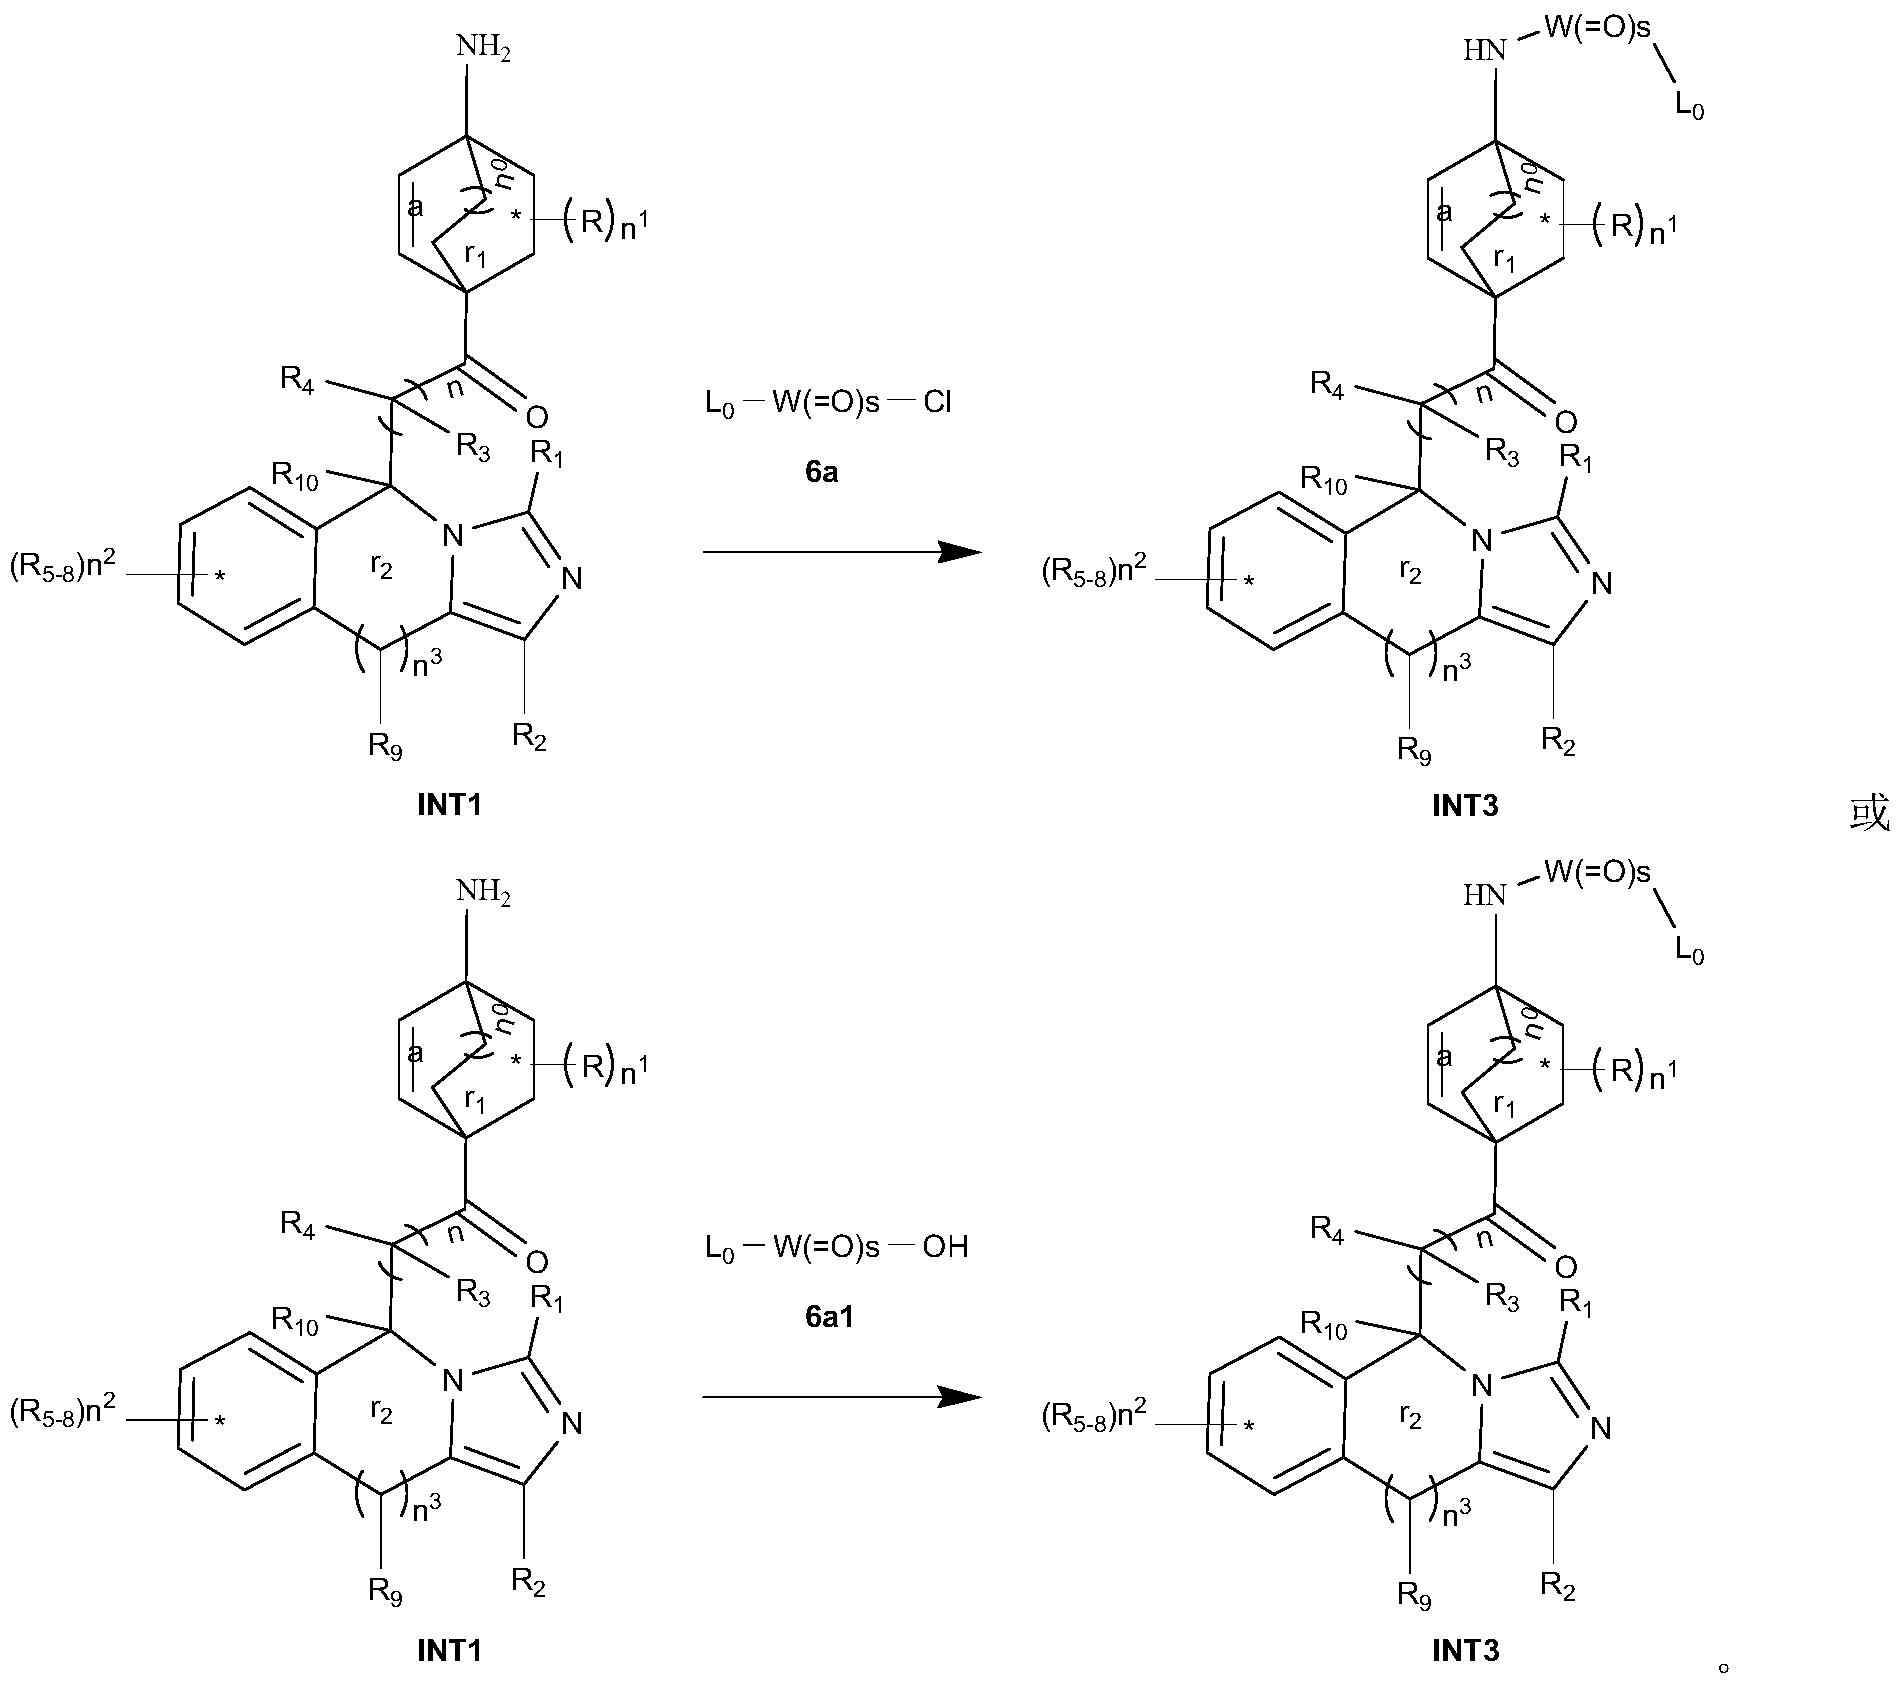 Figure PCTCN2017084604-appb-100048